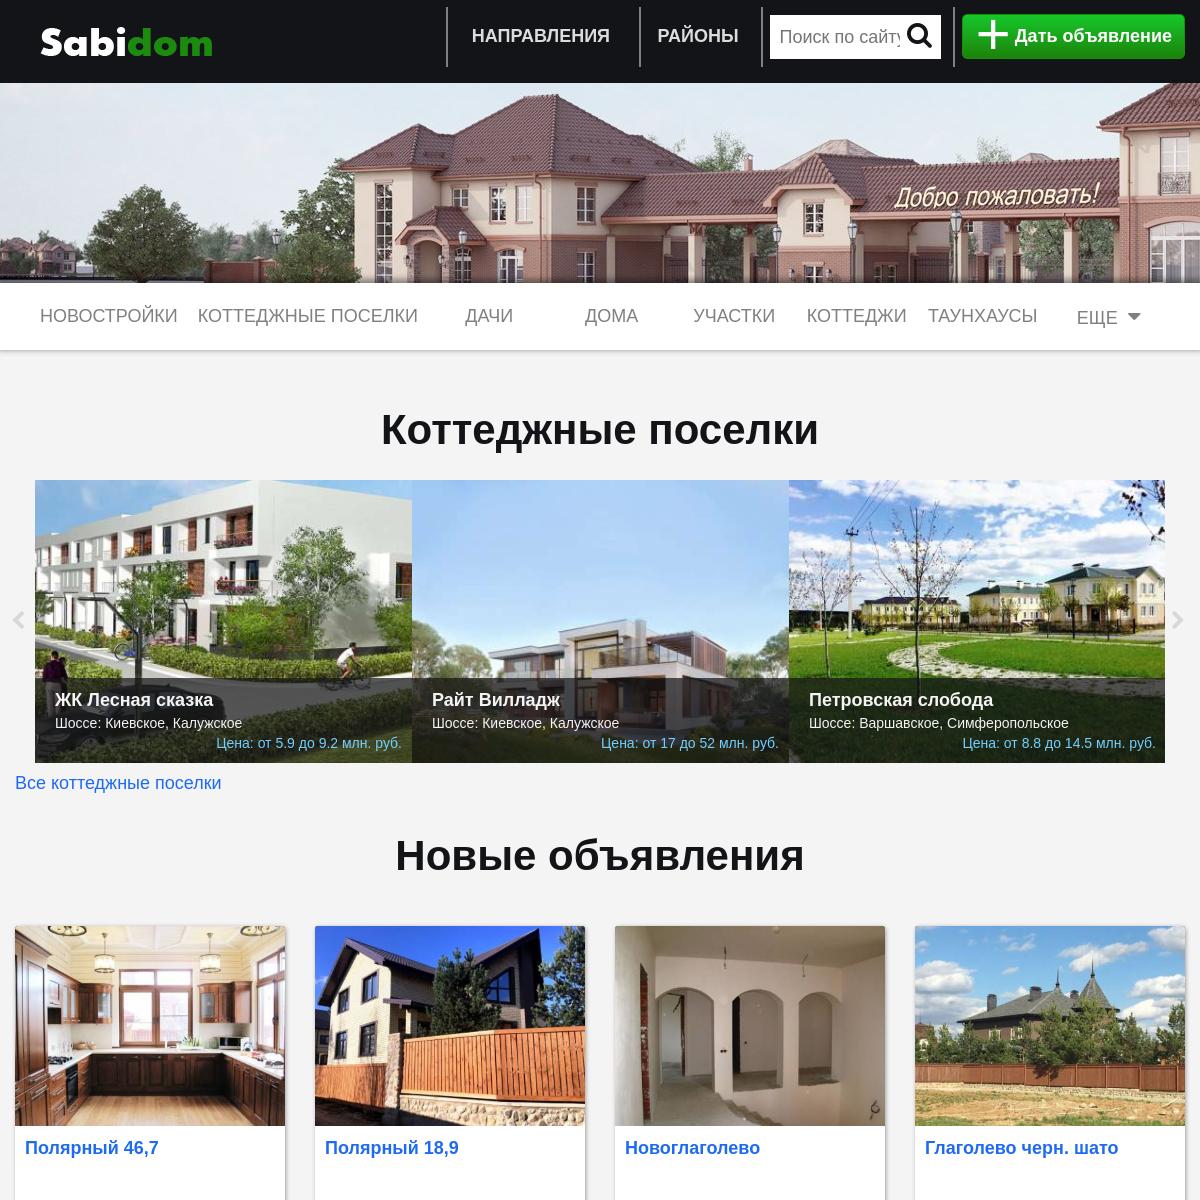 Недвижимость – объявления в Московской области, купить недвижимость